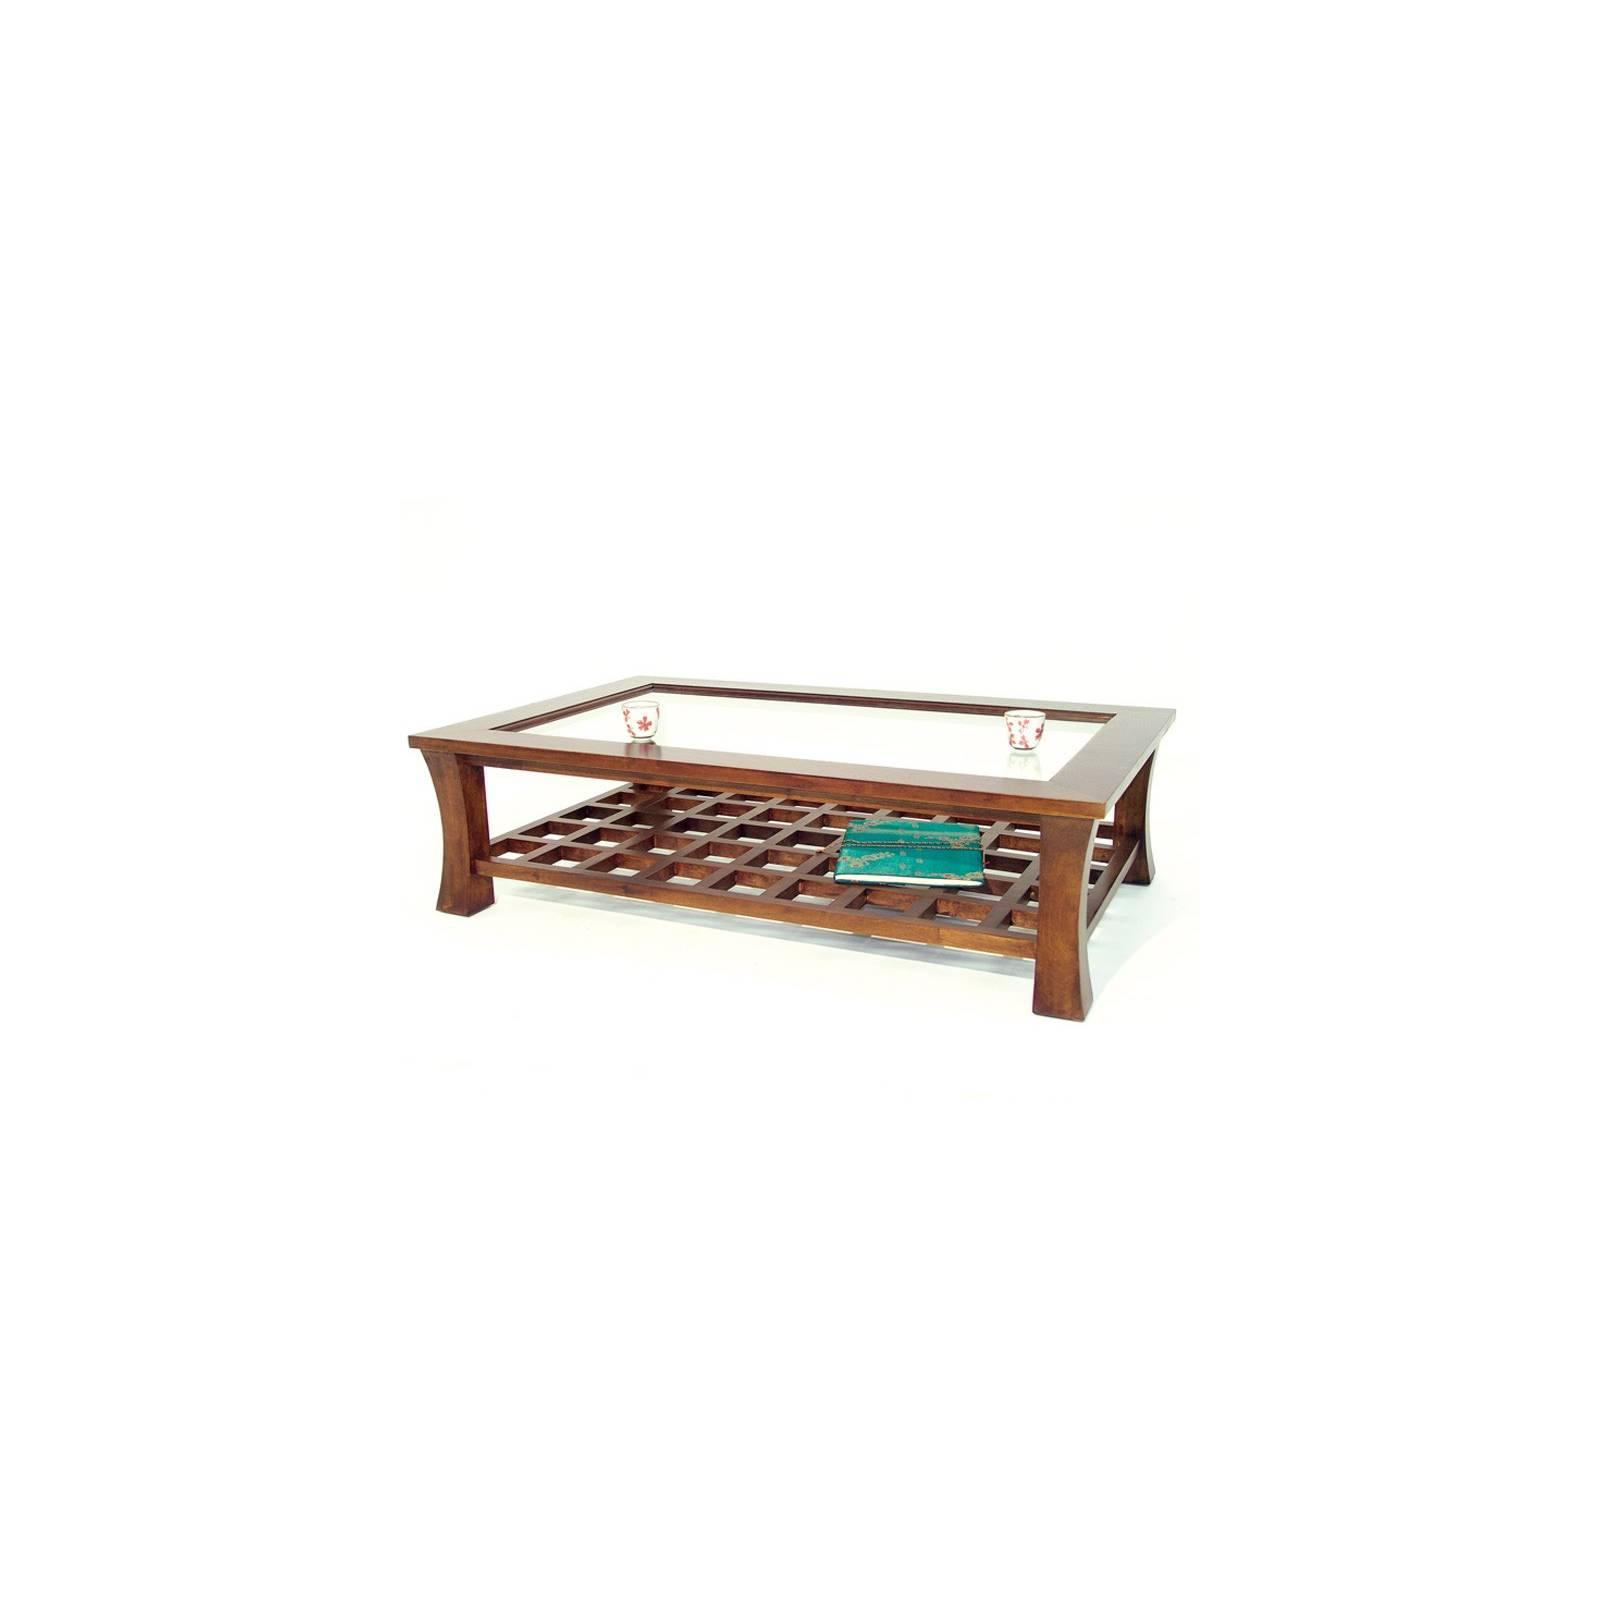 Table Basse Vitrée Chine Hévéa - meuble bois exotique